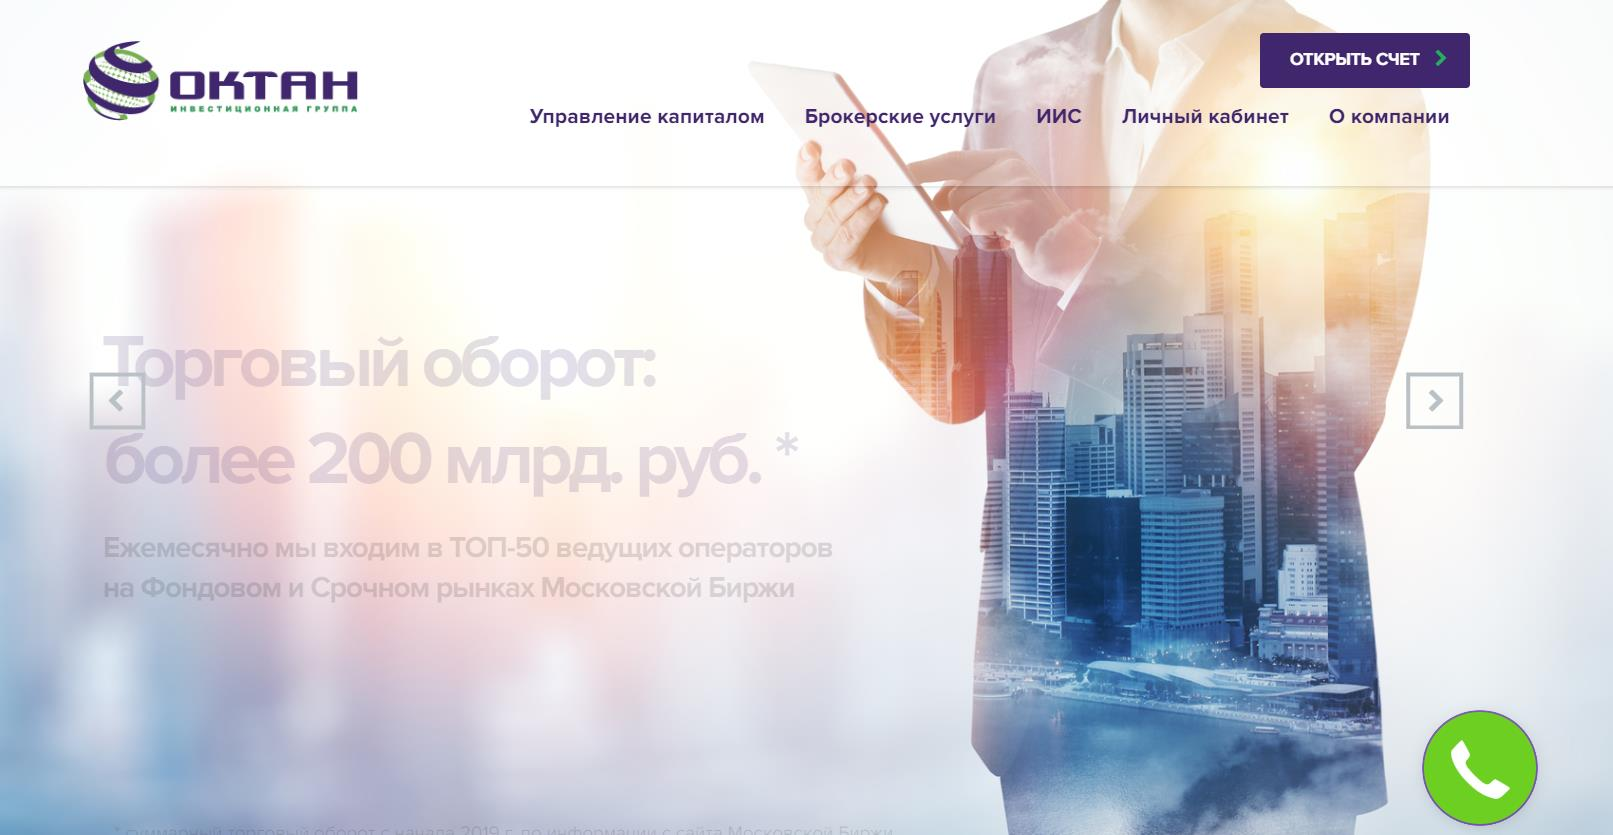 правда про Октан-Брокер 2020 - отзывы клиентов